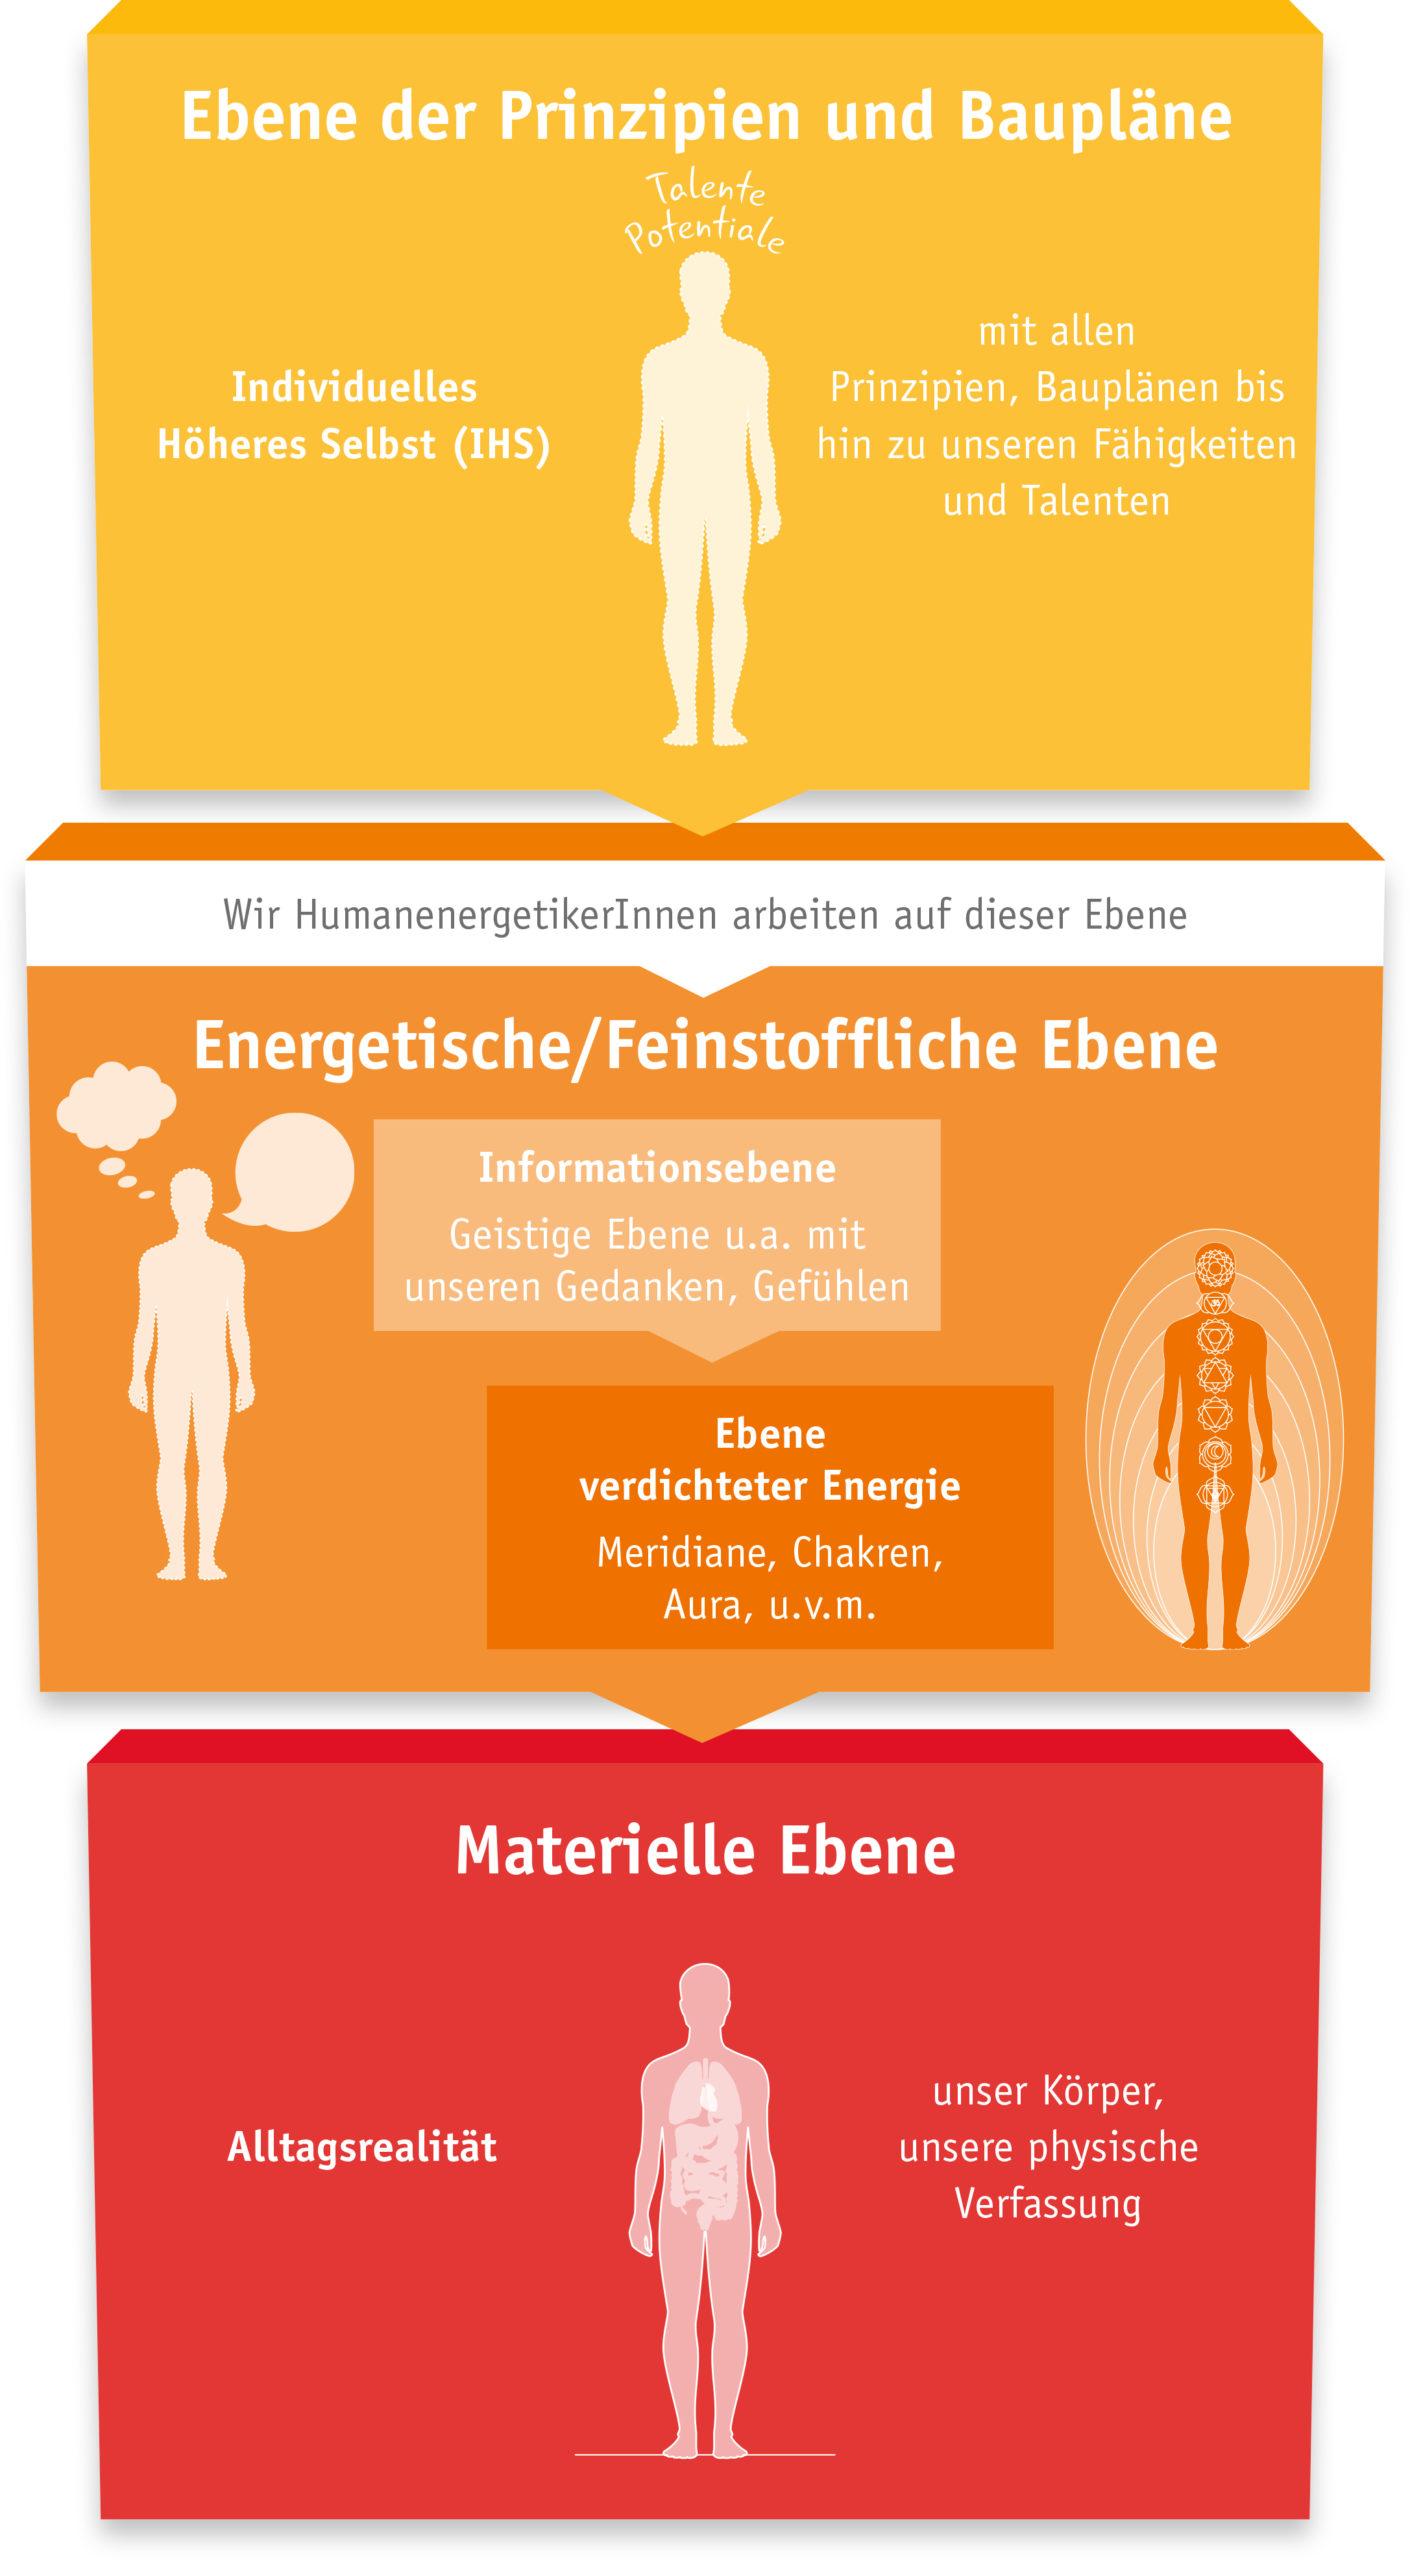 3 Ebenen Modell der Humanenergetik